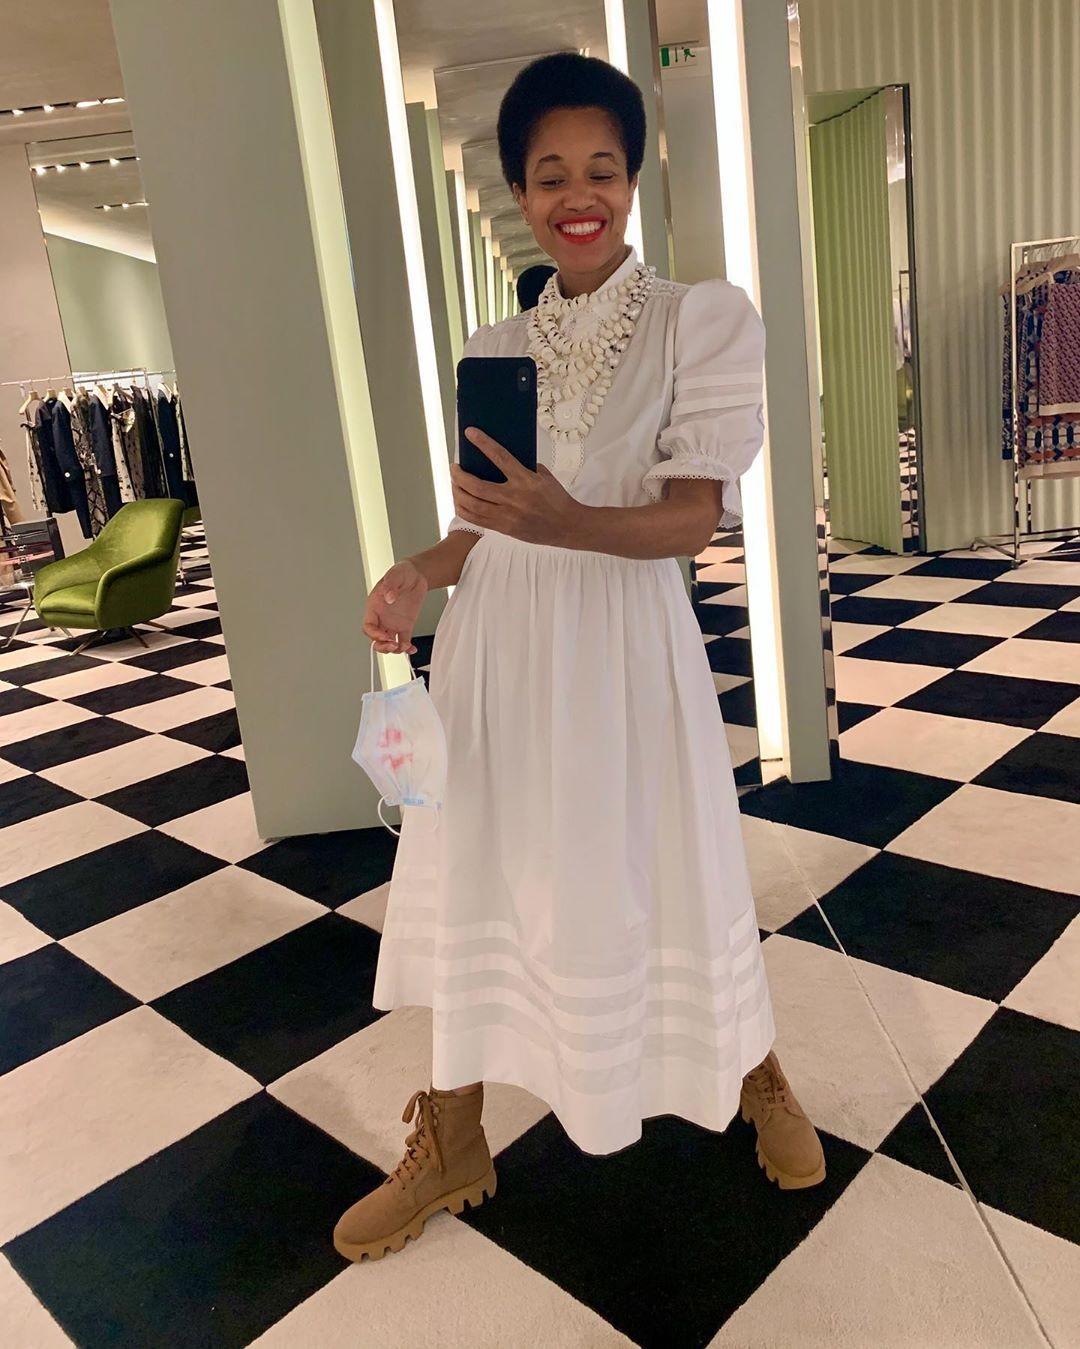 Vestido vitoriano: aposte nos elementos clássicos da tendência, como golas altas ou redondas, estampas florais e comprimentos longos (Foto: Reprodução/Instagram Tamu McPherson)